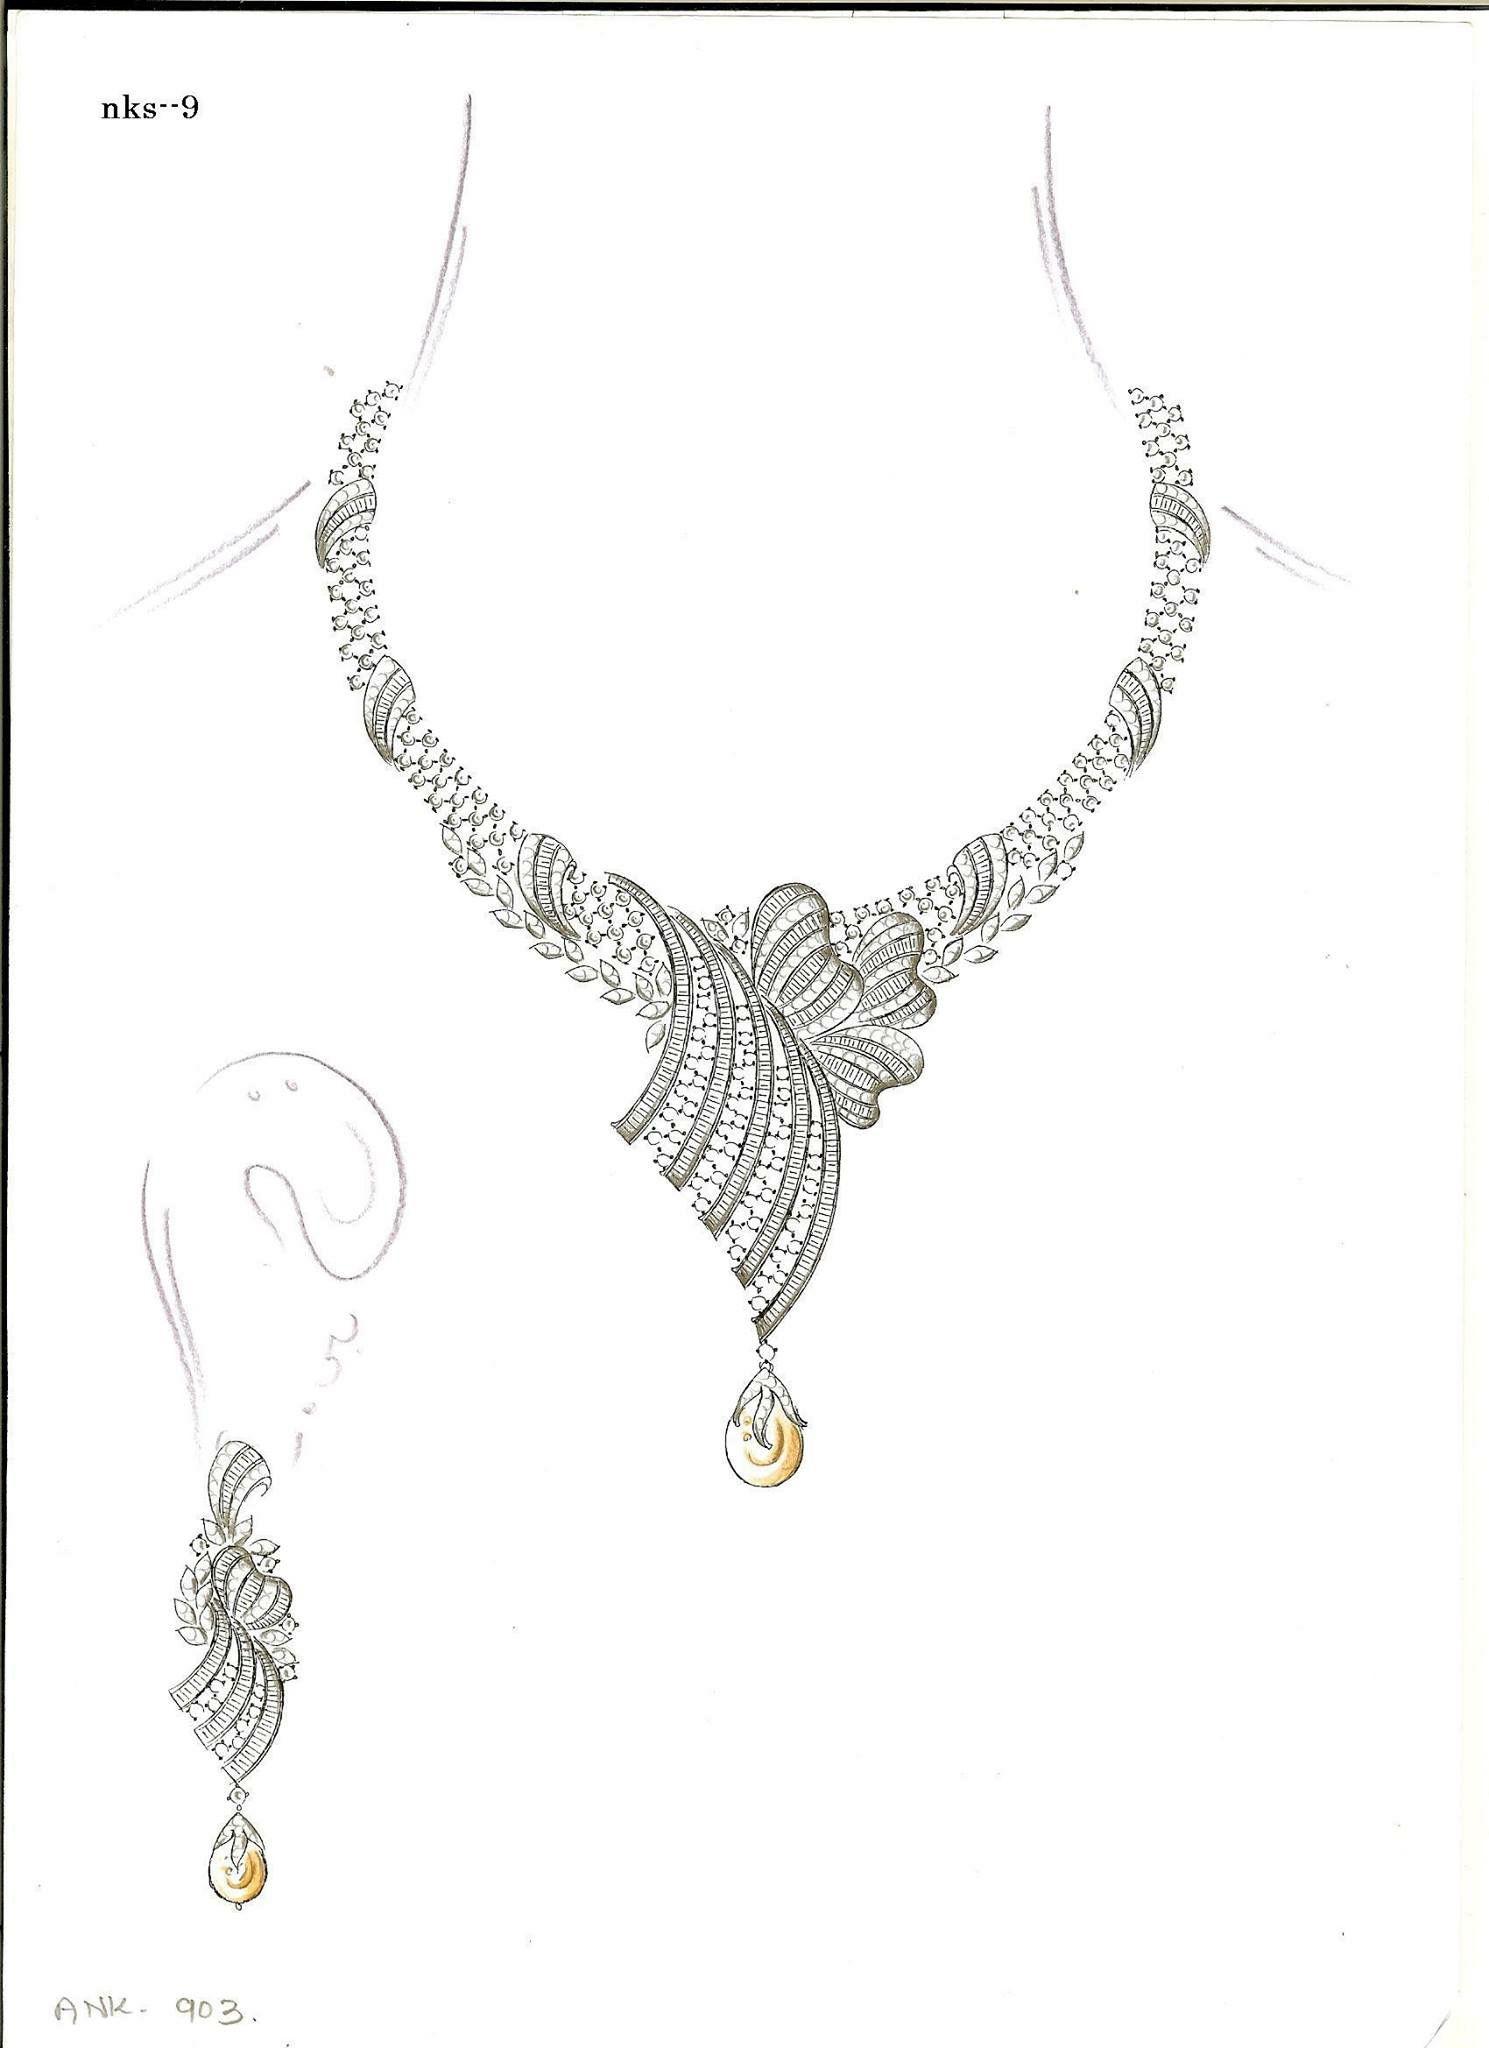 Pin by Janki Parekh on Jewelry | Jewelry drawing, Jewelry ...